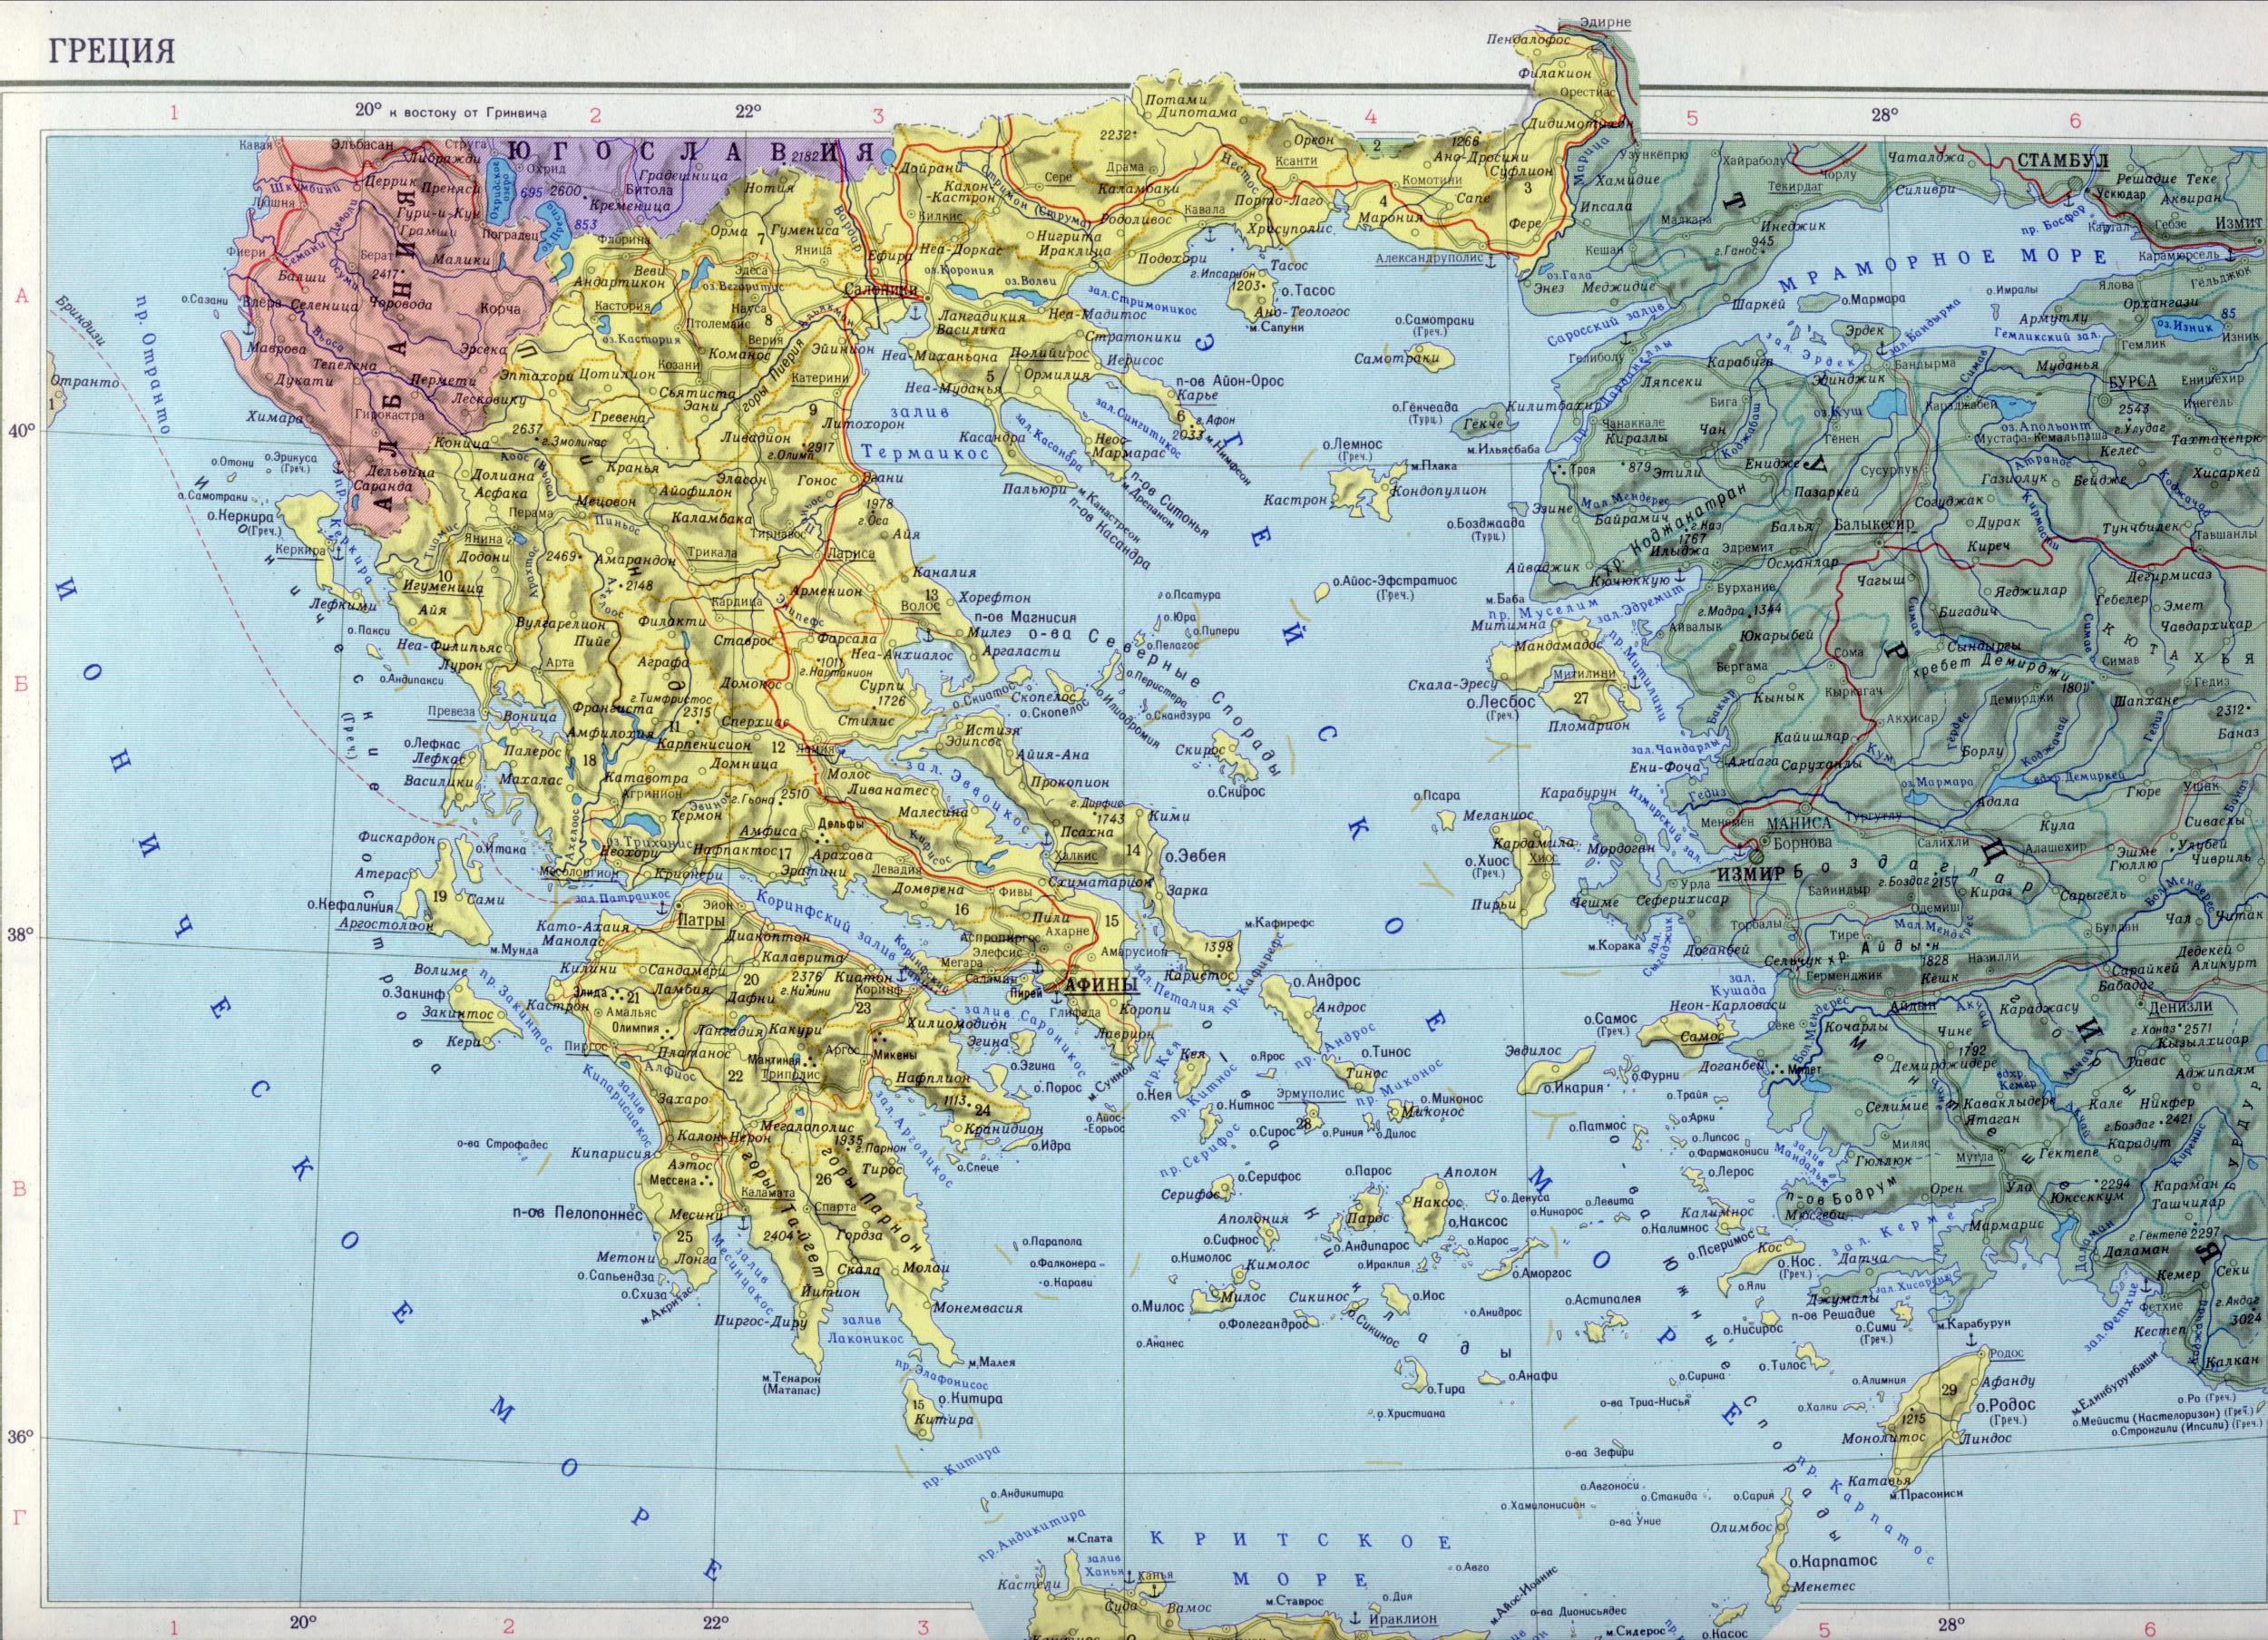 Греция карта греции подробная карта